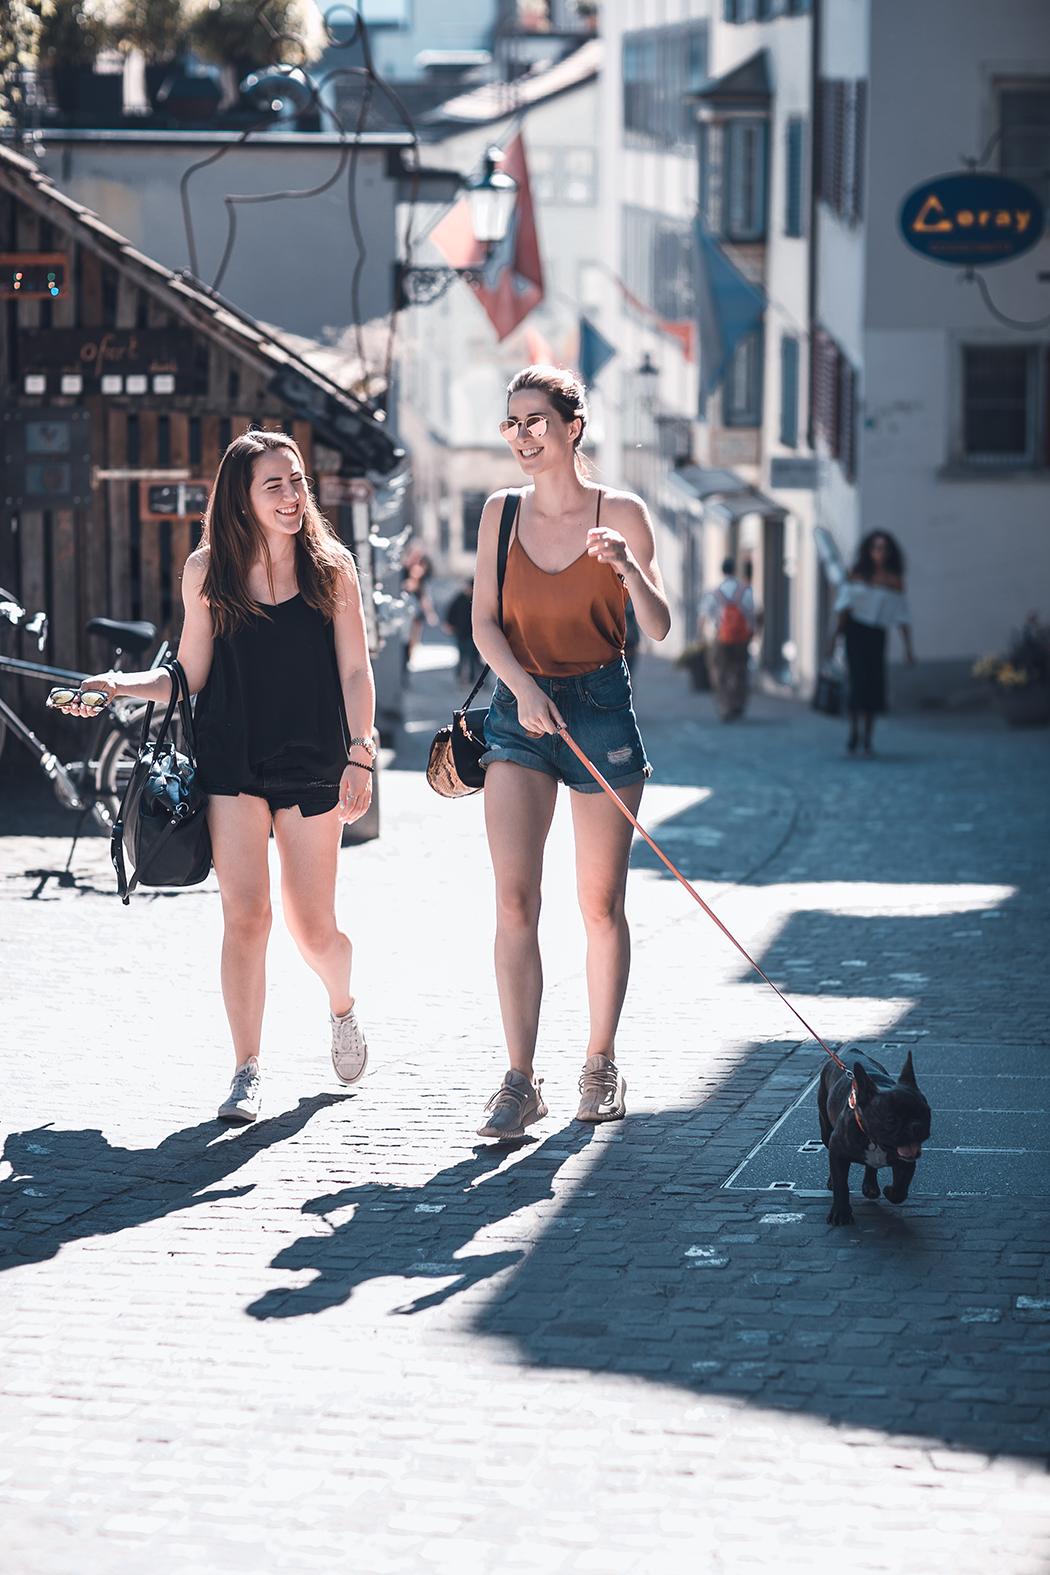 Lifestyle-Lifestyleblog-Lindarella-Muenchen-Deutschland-Blog-Blogger-Zuerich-Express-14